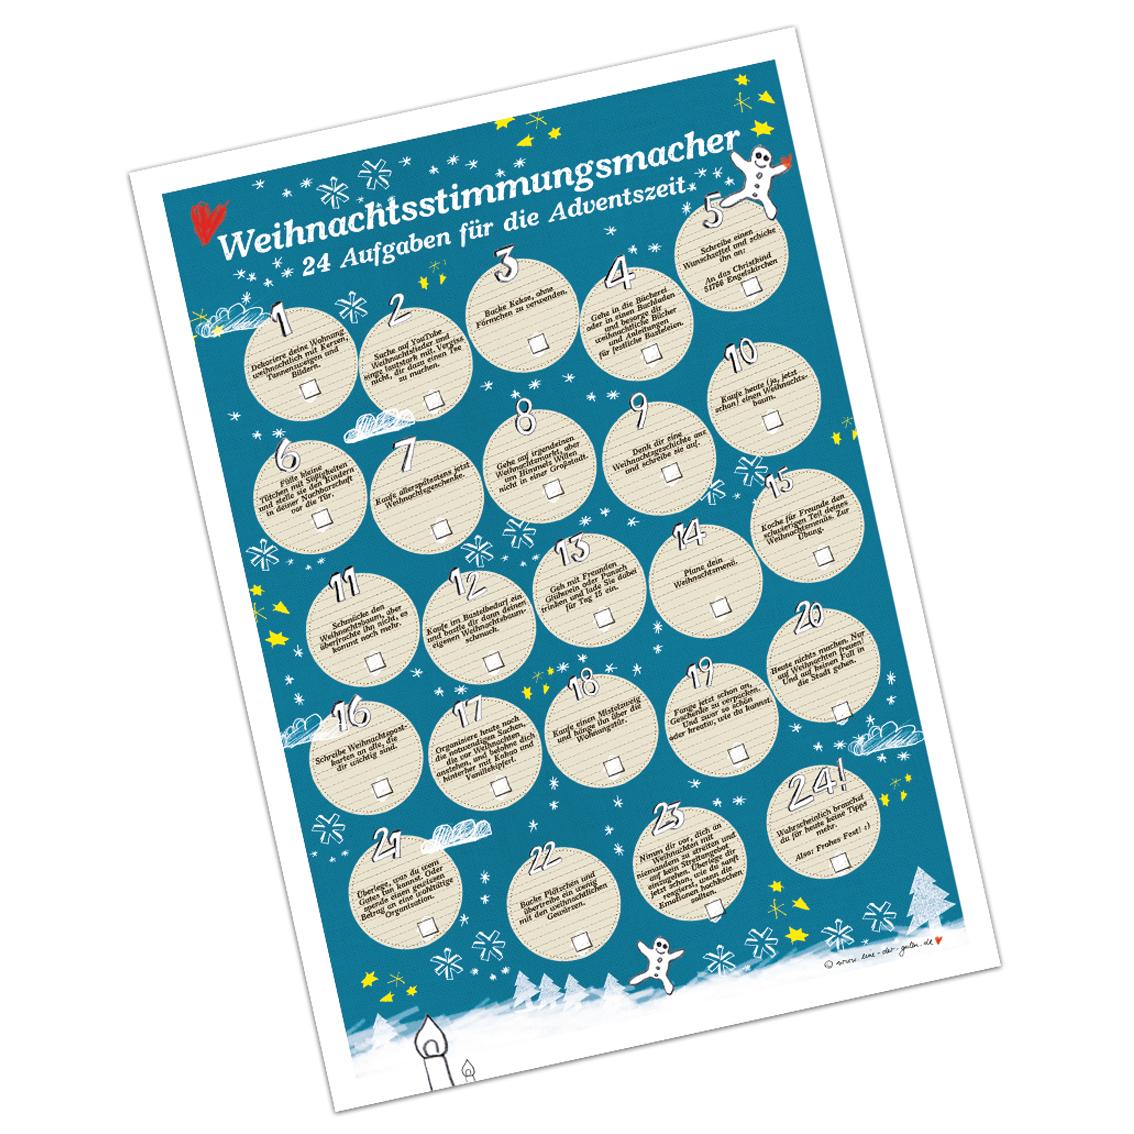 adventskalender weihnachtsstimmungsmacher mit 24 aufgaben für die